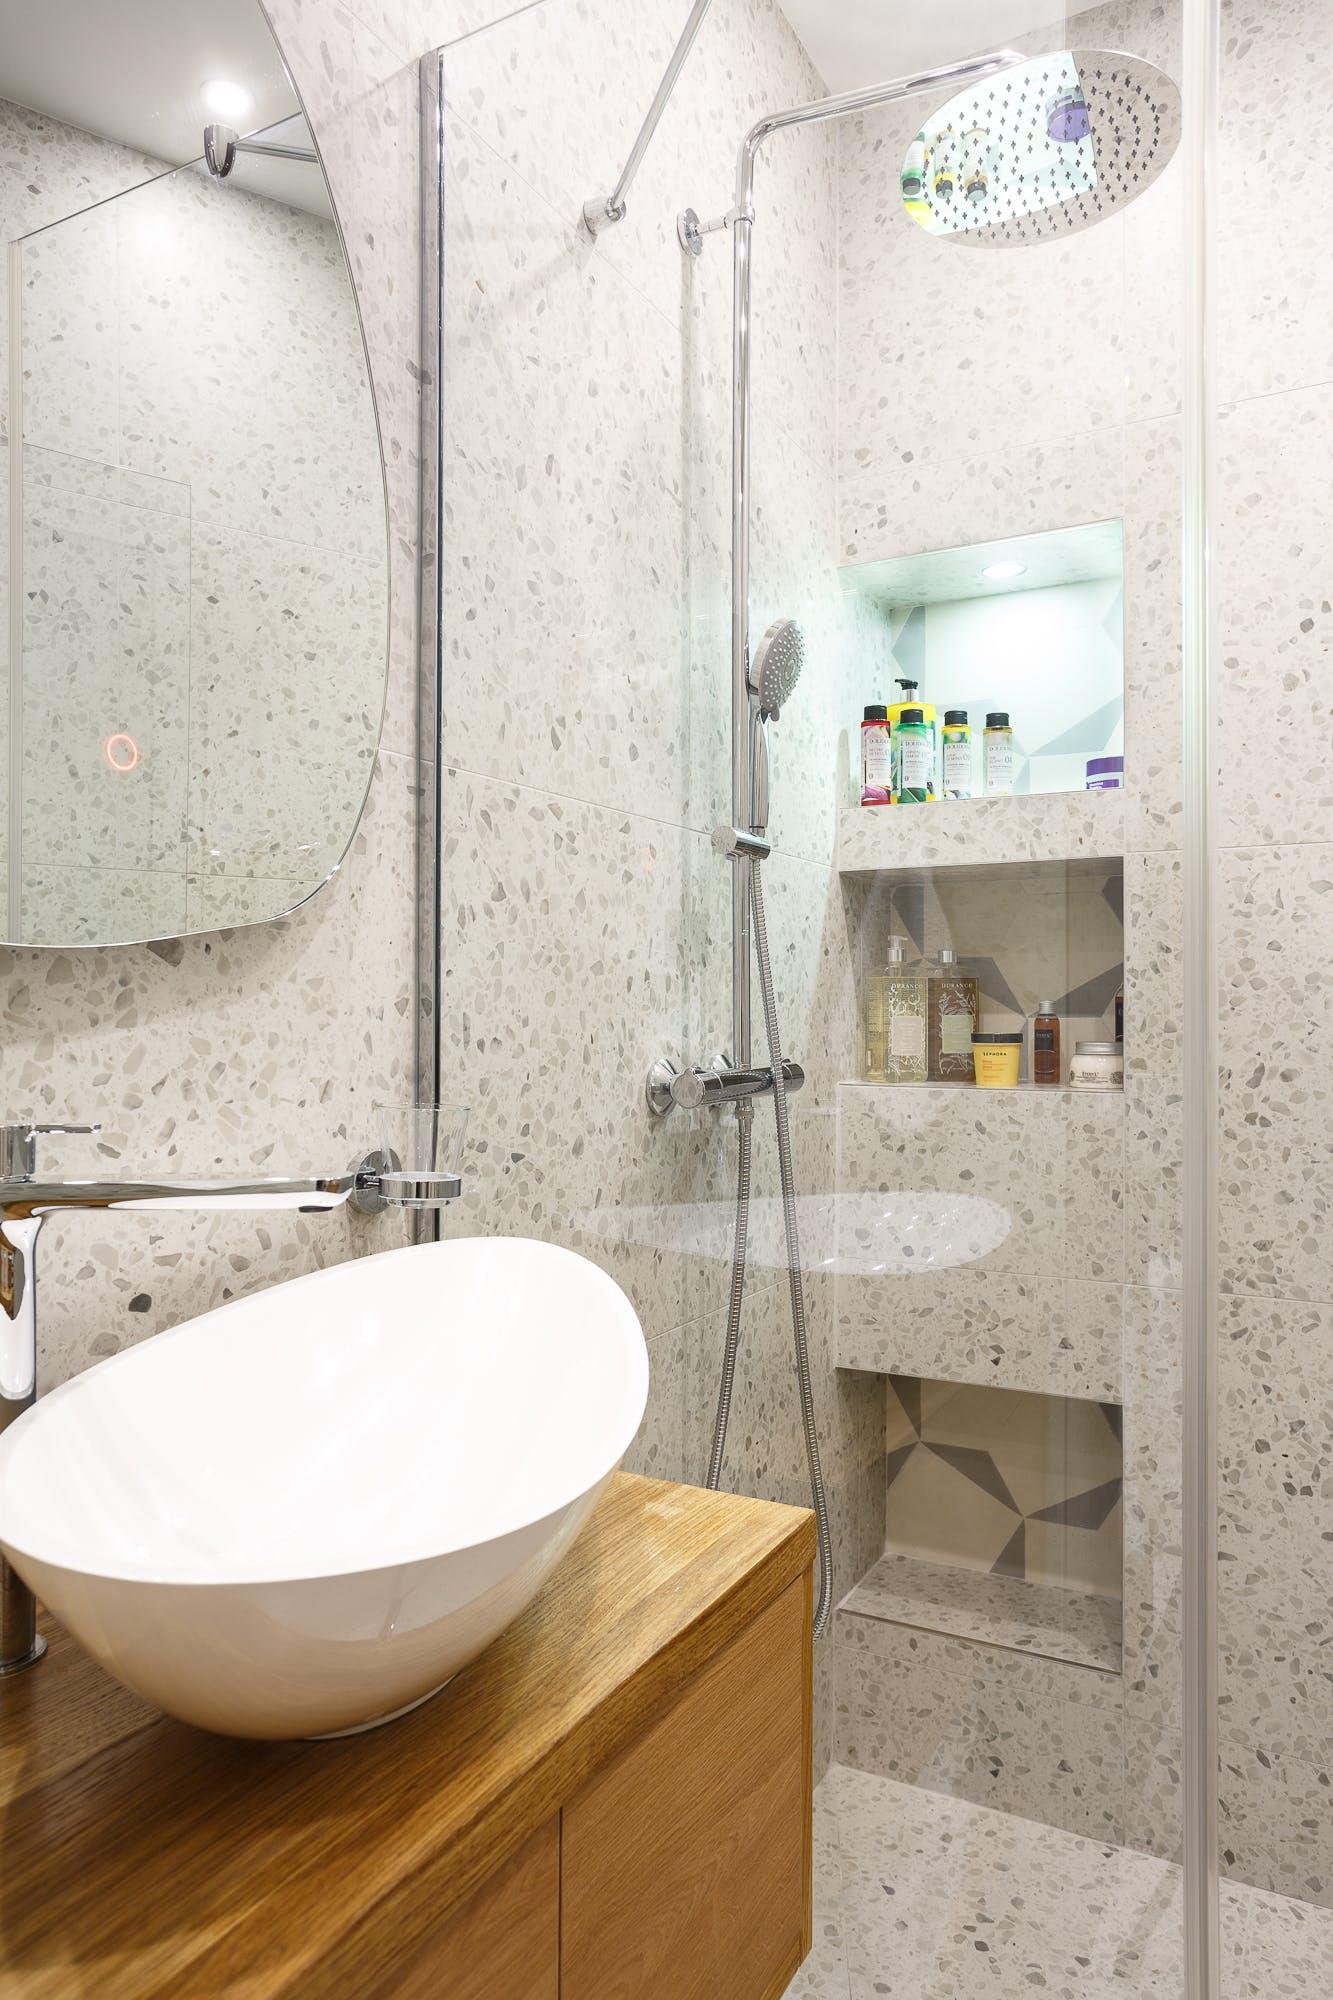 Salle de bains grise de la suite parentale avec vasque blanche